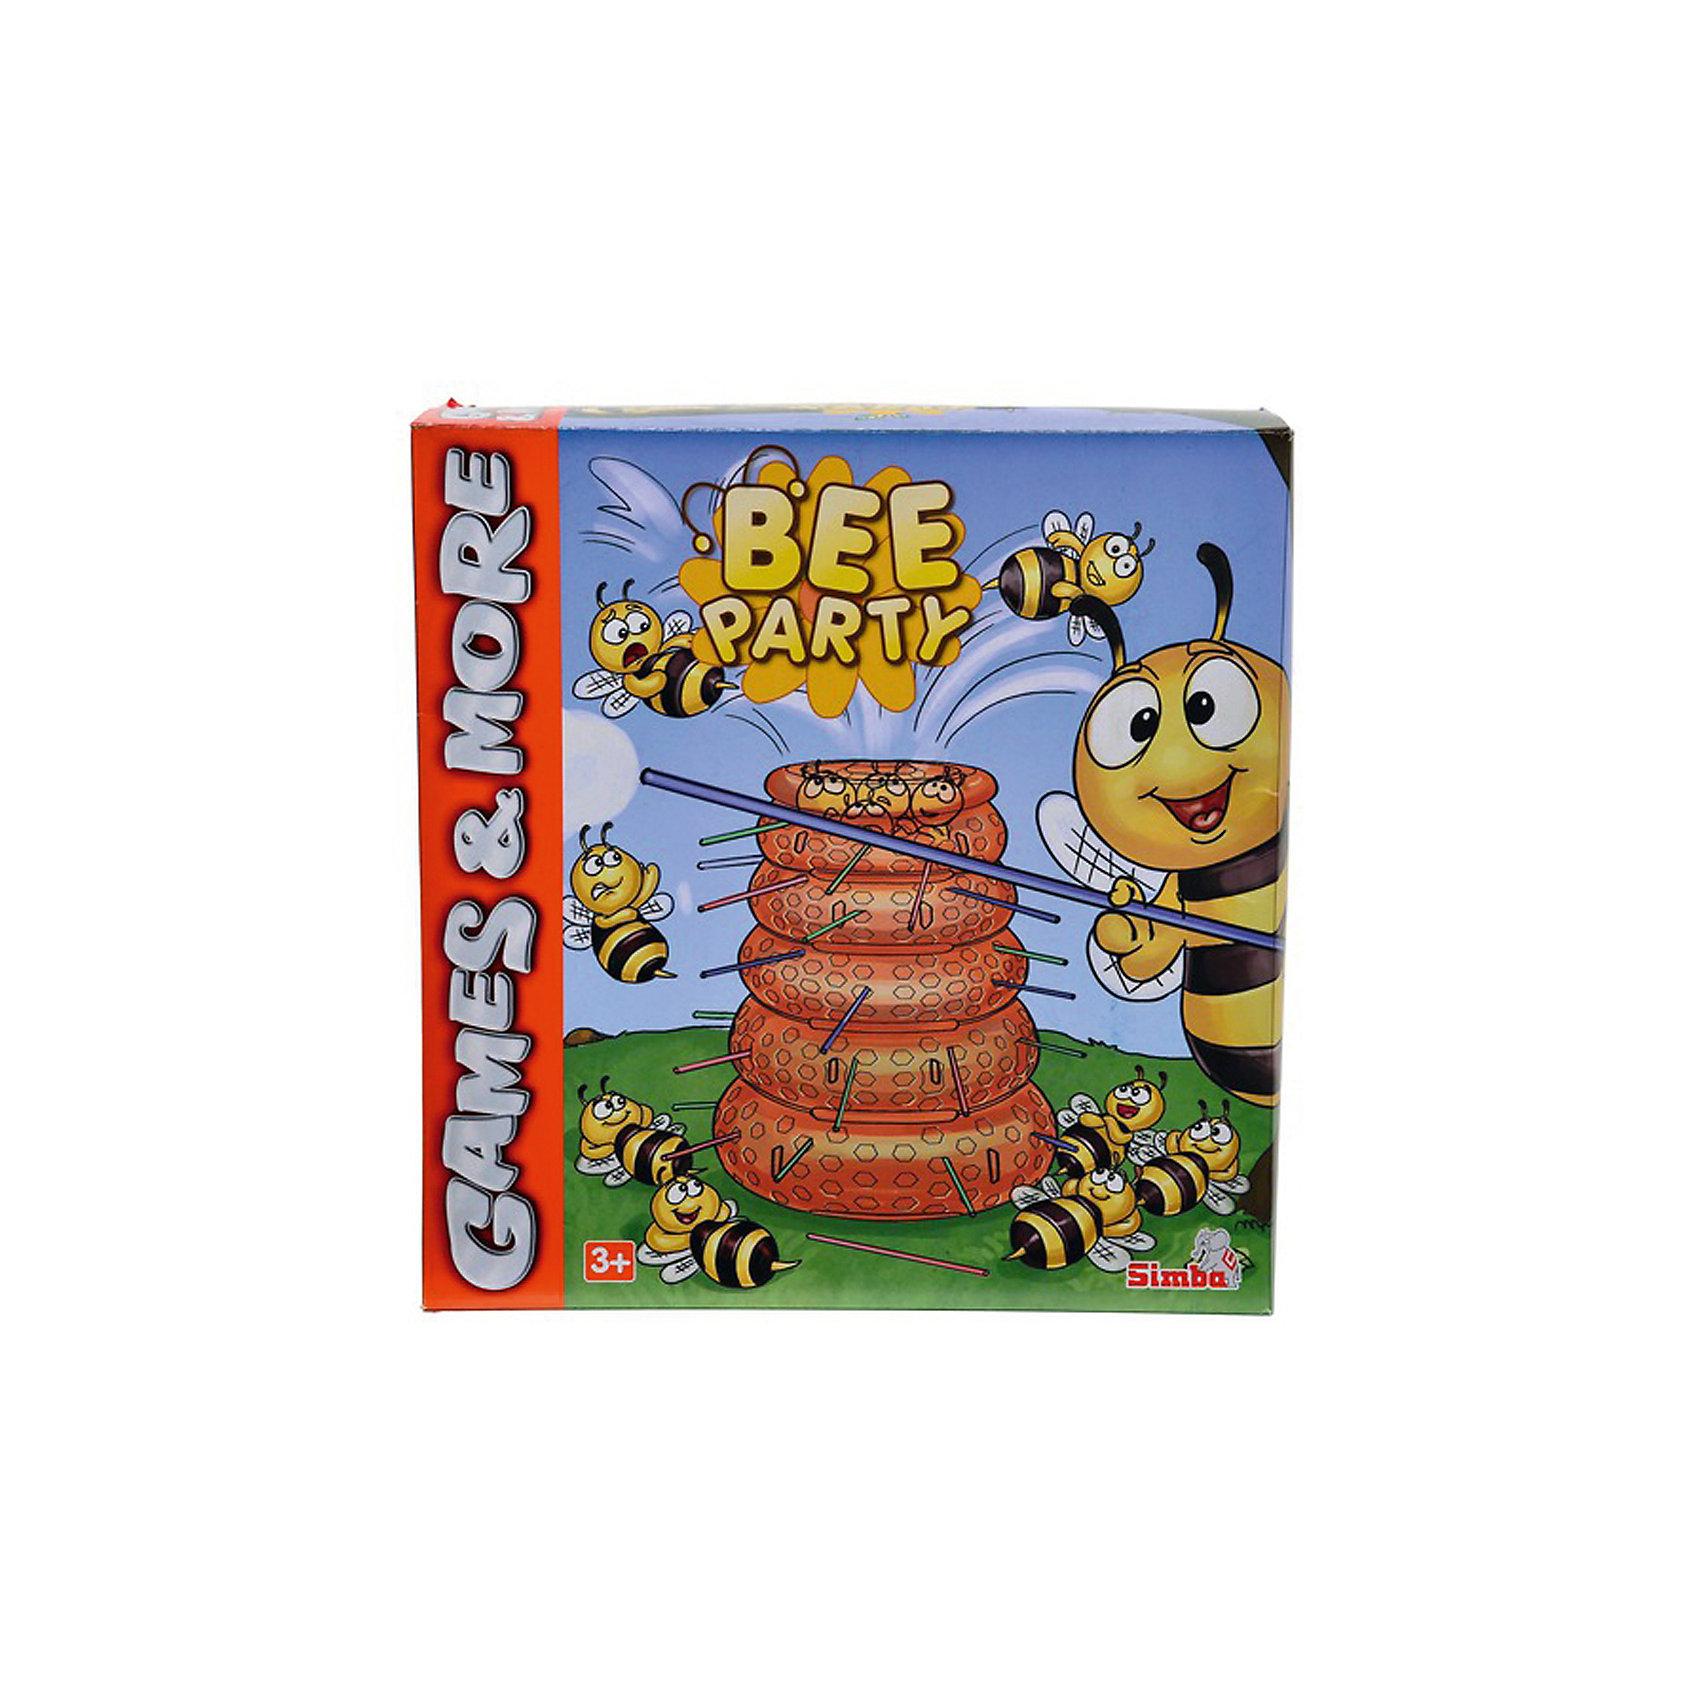 Игра Пчелы, SimbaИгры для развлечений<br>Игра Пчелы, Simba (Симба) – эта занимательная настольная игра надолго увлечет вашего малыша.<br>Игра настольная Пчелы -  это увлекательное путешествие в жизнь пчелиного улья. Настольная игра Пчелы Simba (Симба) порадует вашего ребенка и подарит ему много веселья, ведь цель игры - не только выиграть, но и повеселиться от души. Внутри коробки вас ждет пластиковый улей с дырочками, много палочек и маленькие пчелы. Каждый из игроков выбирает цвет палочек, вставляет их в улей. Сверху на улей высыпаются пчелы. Далее нужно по очереди вытягивать палочки. Задача — орудовать палочками согласно правилам, не допуская выпадения пчелок из улья. У какого игрока по итогу, после вытягивания палочек, упало больше всего пчел, тот и проиграл! Игра развивает внимательность, аккуратность, усидчивость, мелкую моторику. Кроме того, она просто-напросто очень нравится детям, так как игровой процесс увлекателен и необычен.<br><br>Дополнительная информация:<br><br>- В наборе: улей, палочки 3-х цветов, пчелы 26 шт.<br>- Количество игроков: до 3 человек<br>- Материал: картон, пластик<br>- Размер коробки: 25 х 26 х 9 см.<br>- Вес: 450 гр.<br><br>Игру Пчелы, Simba (Симба) можно купить в нашем интернет-магазине.<br><br>Ширина мм: 250<br>Глубина мм: 260<br>Высота мм: 90<br>Вес г: 450<br>Возраст от месяцев: 36<br>Возраст до месяцев: 192<br>Пол: Унисекс<br>Возраст: Детский<br>SKU: 4039815